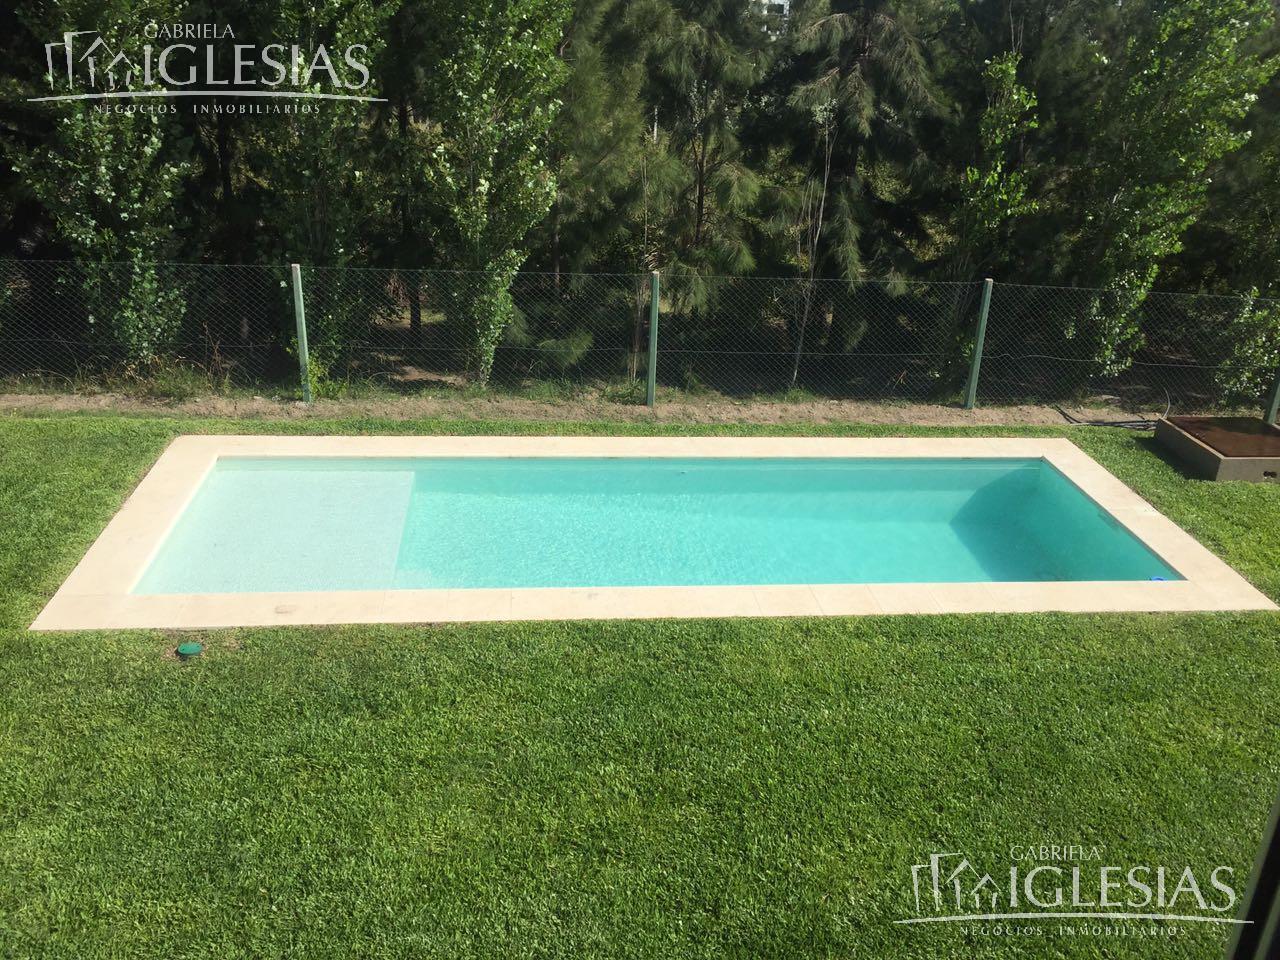 Casa en Venta en Los Lagos a Venta - u$s 469.000